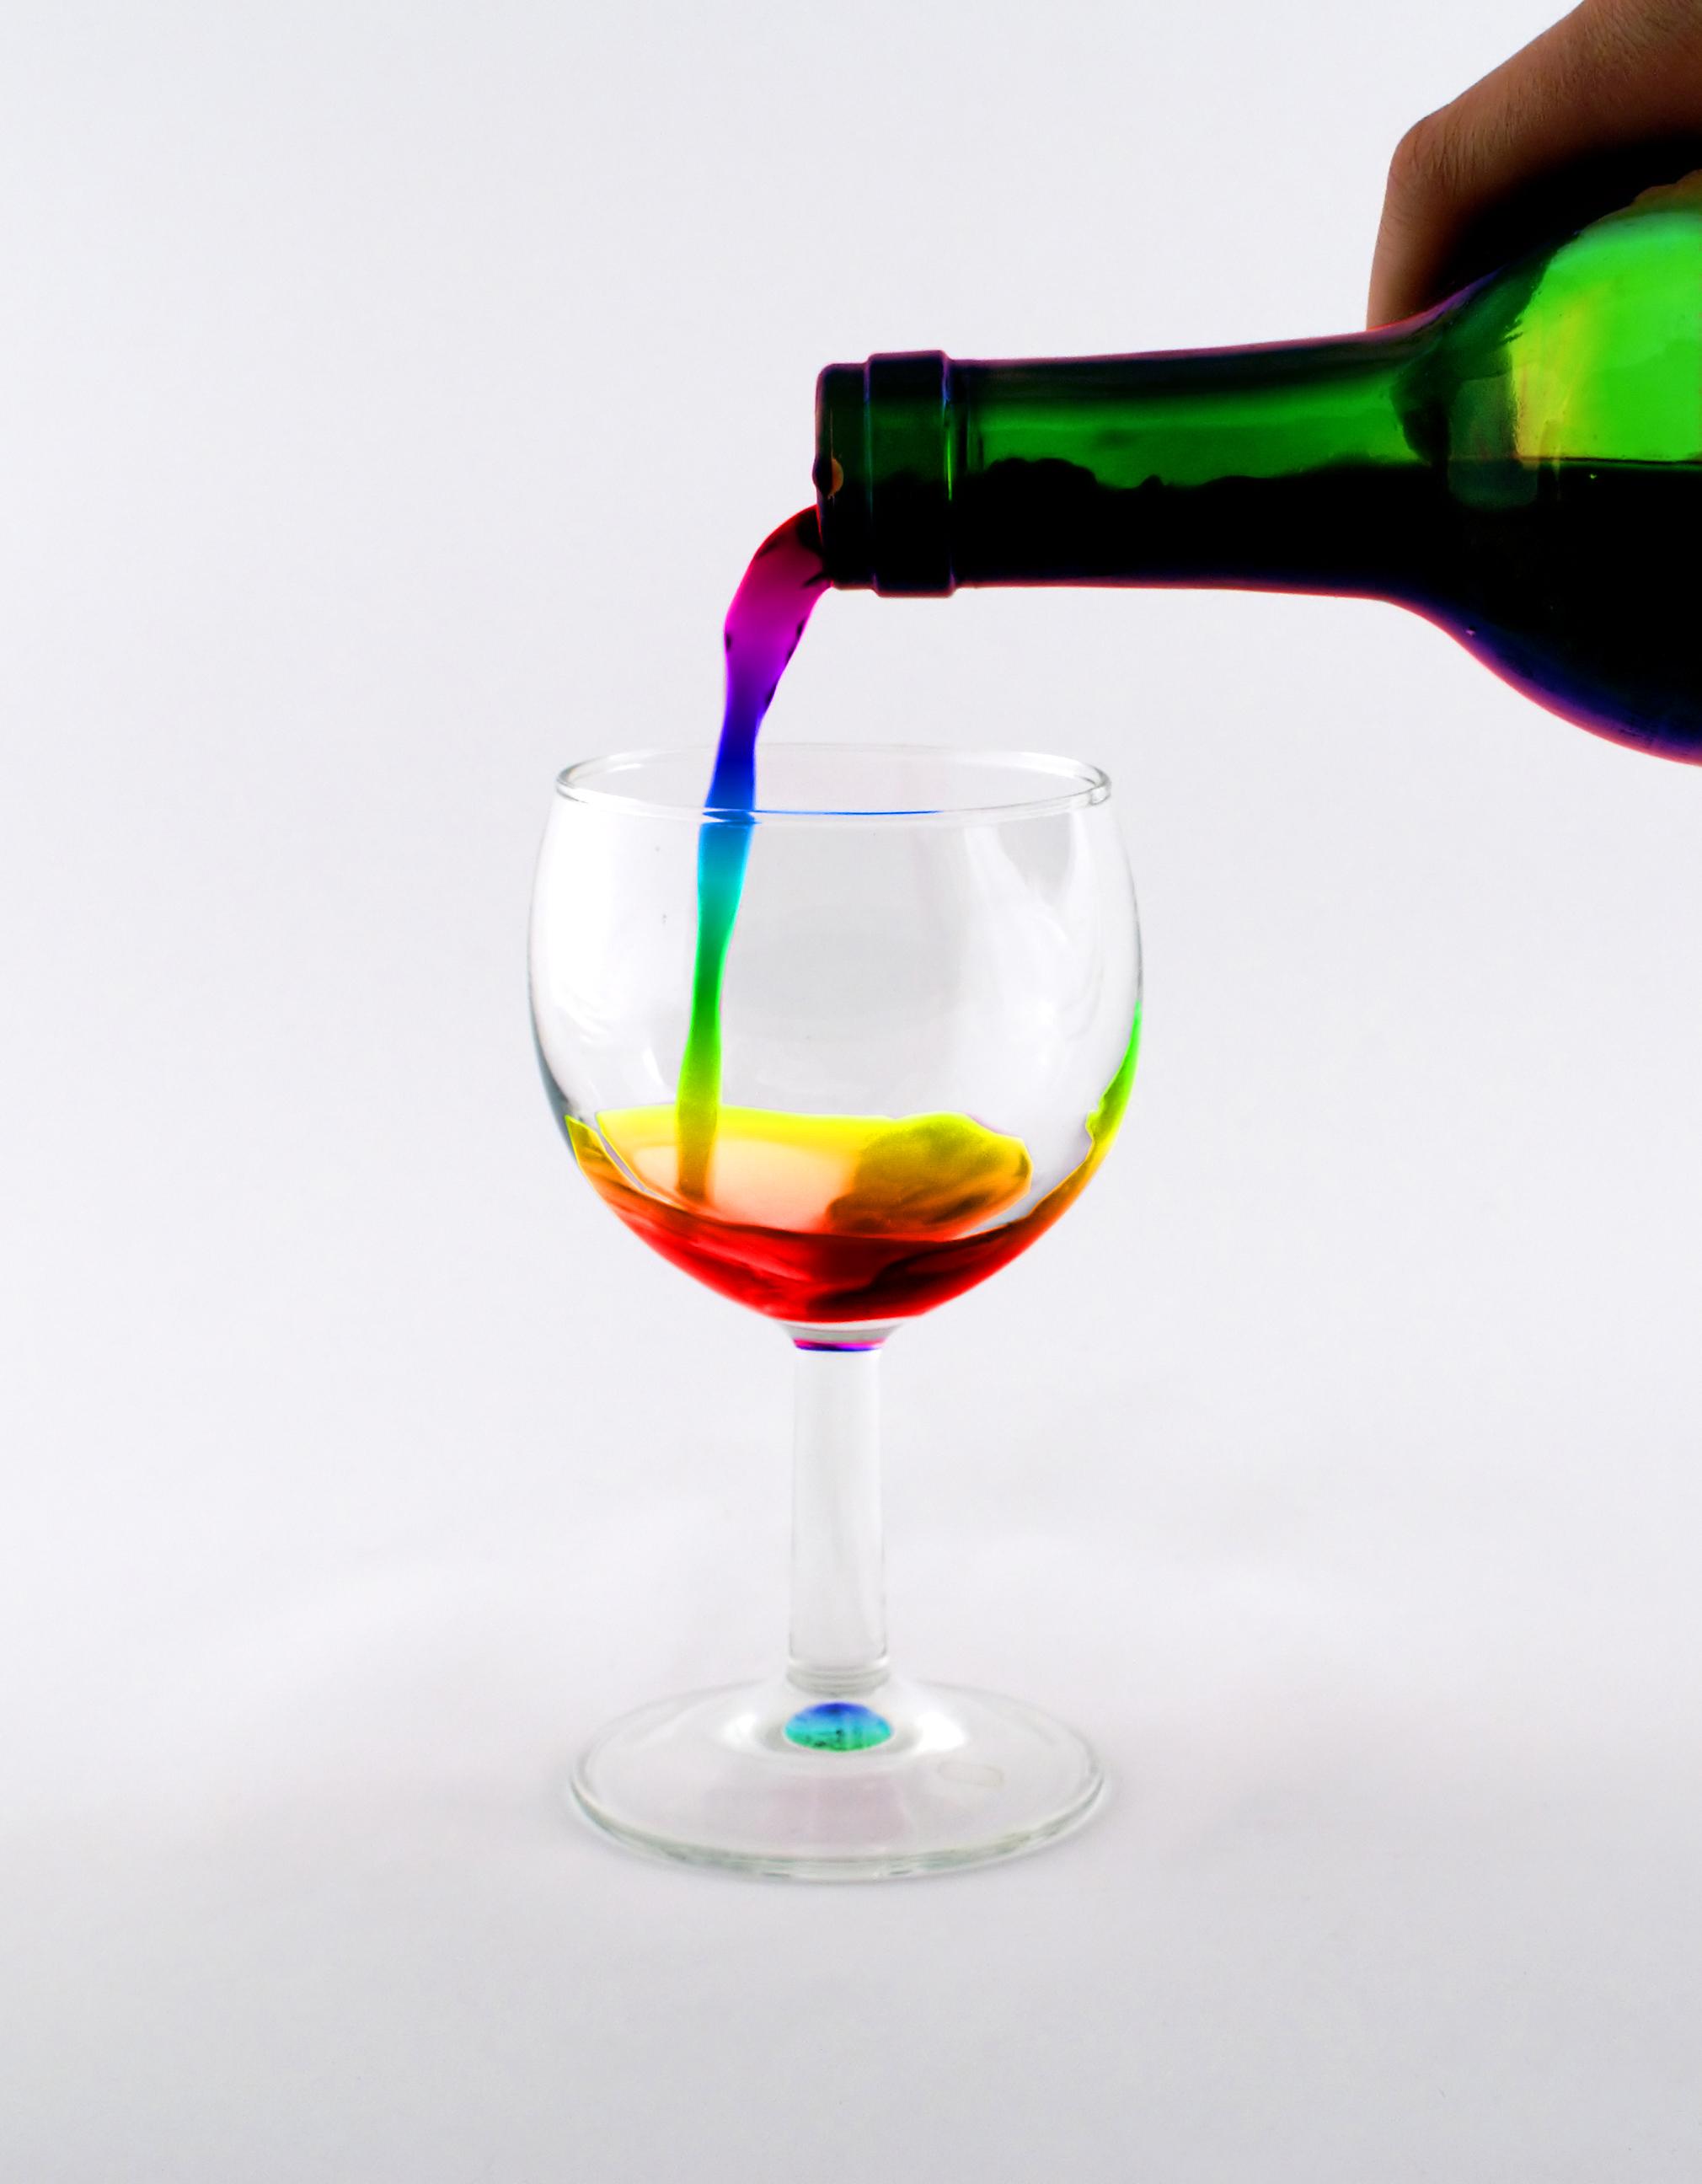 Wine of Rainbow by Nishikihebi